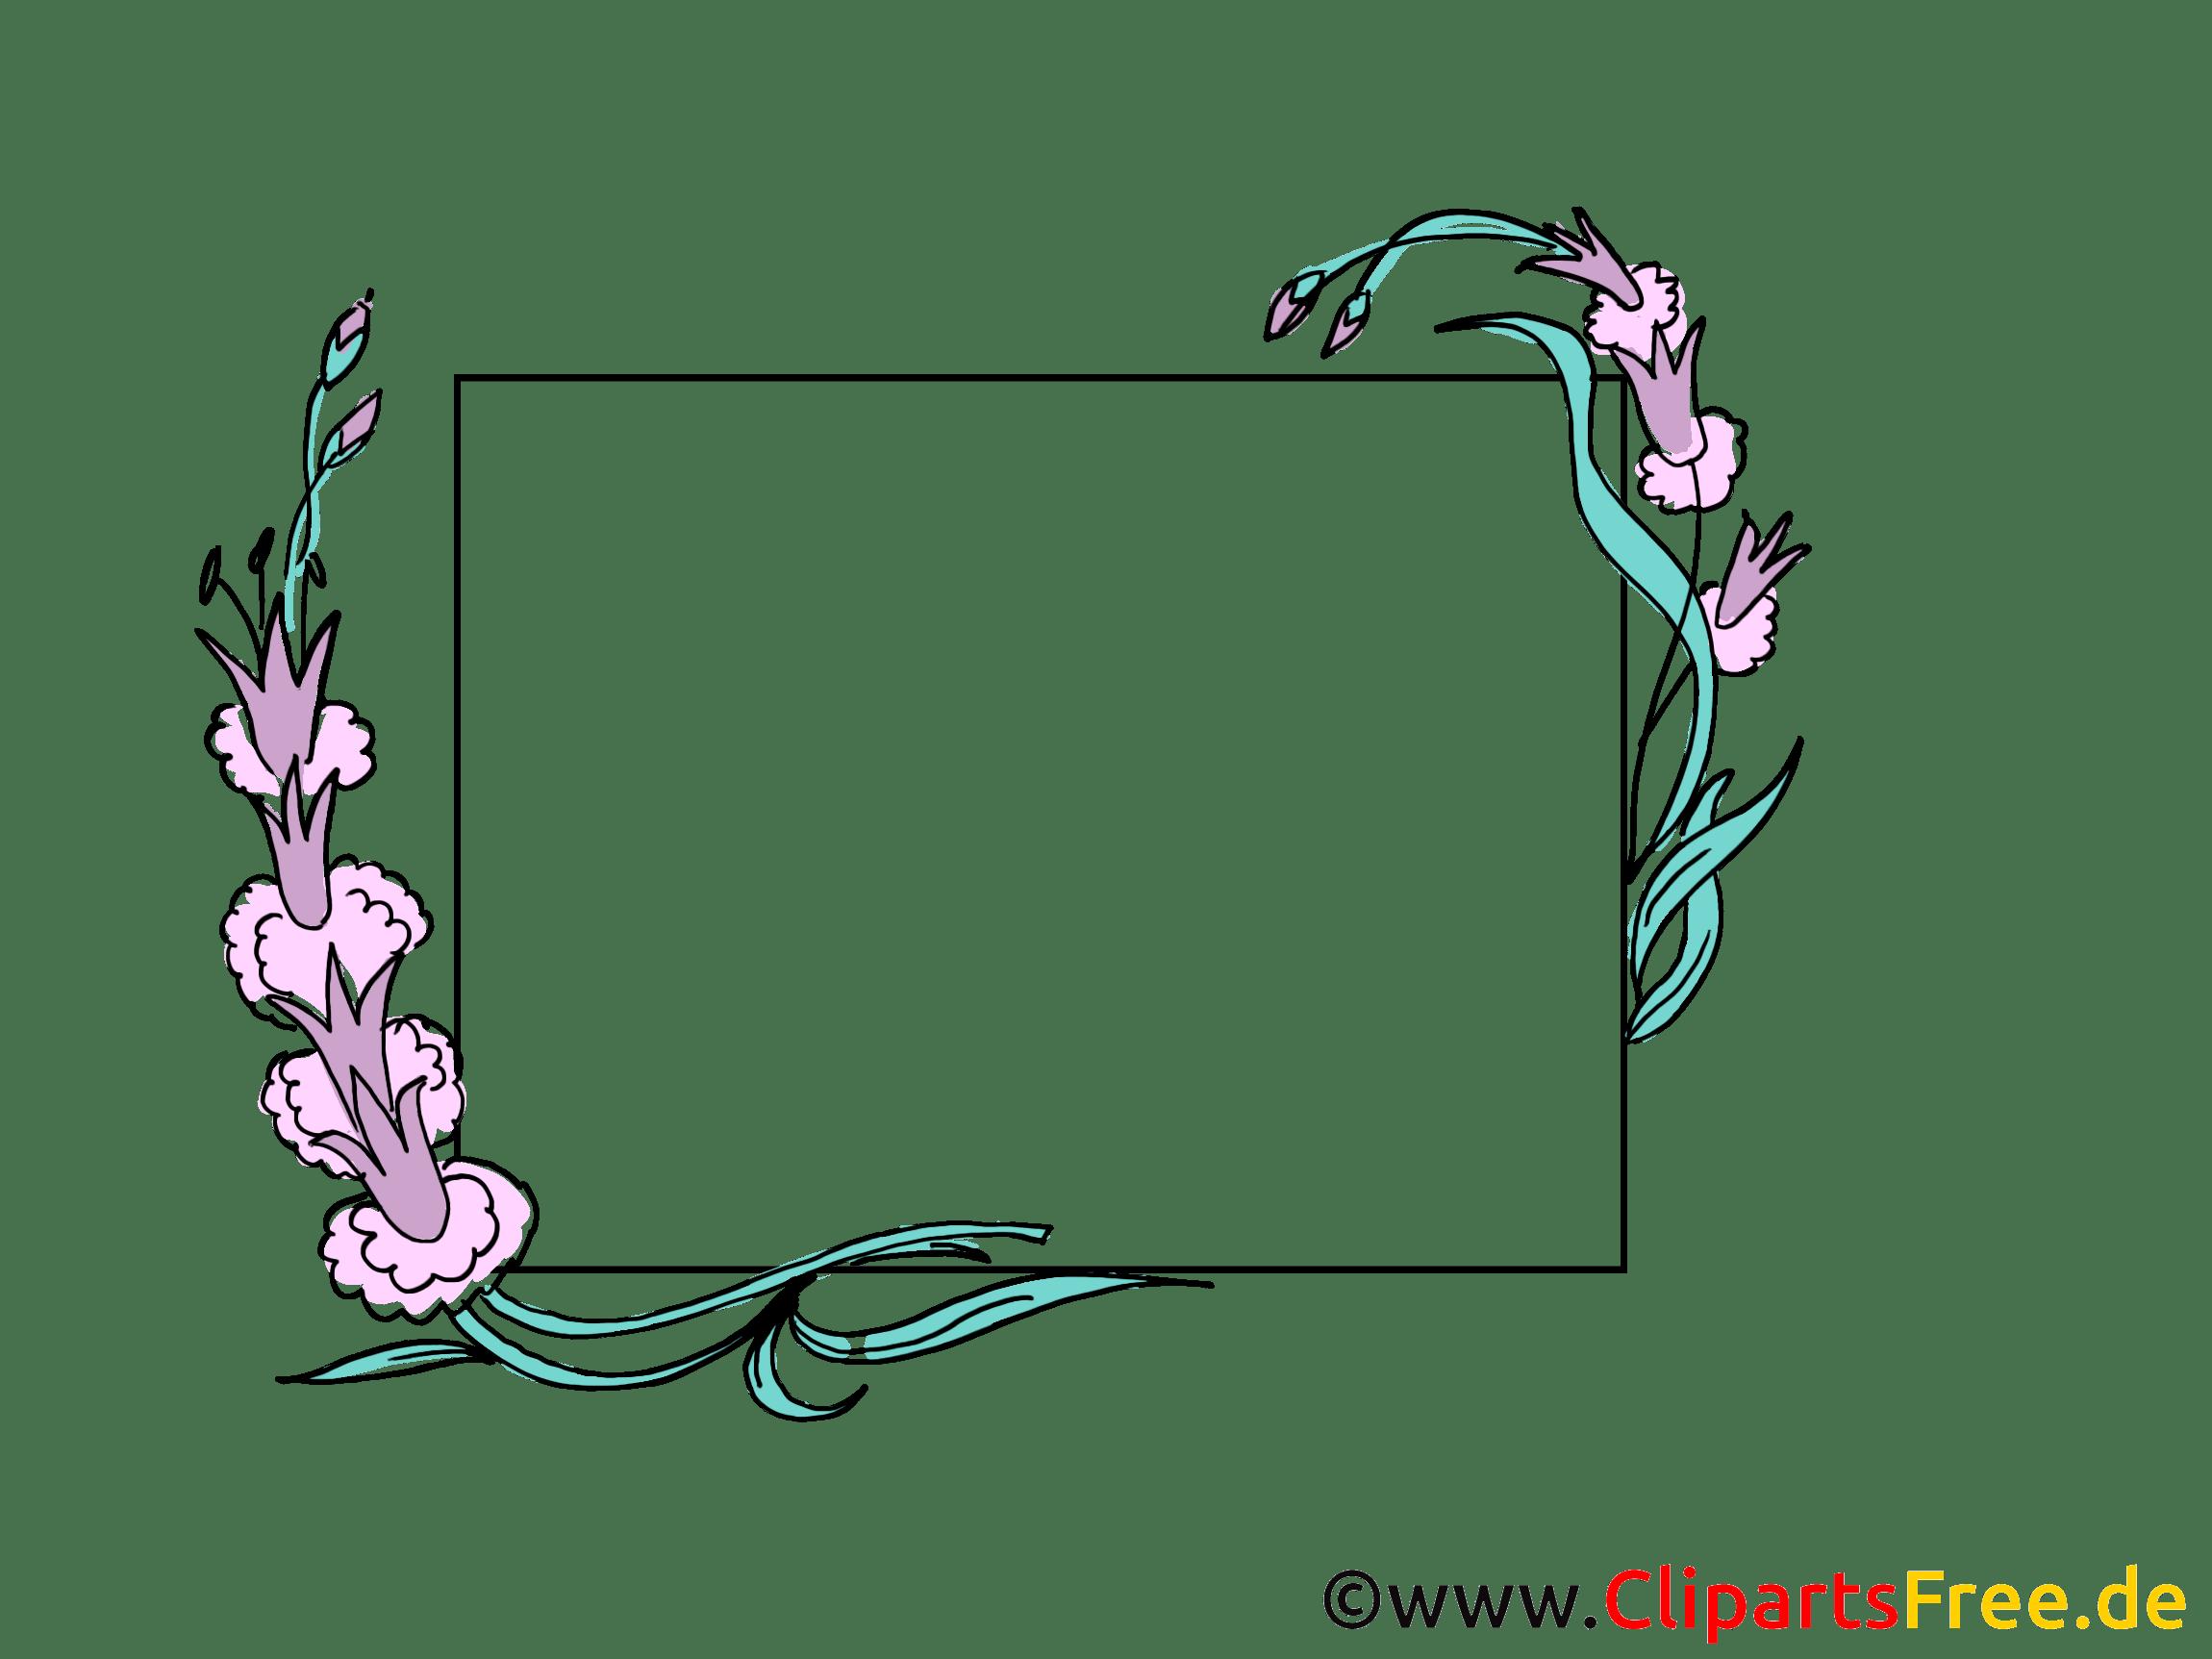 Schoener Rahmen fuer Bilder